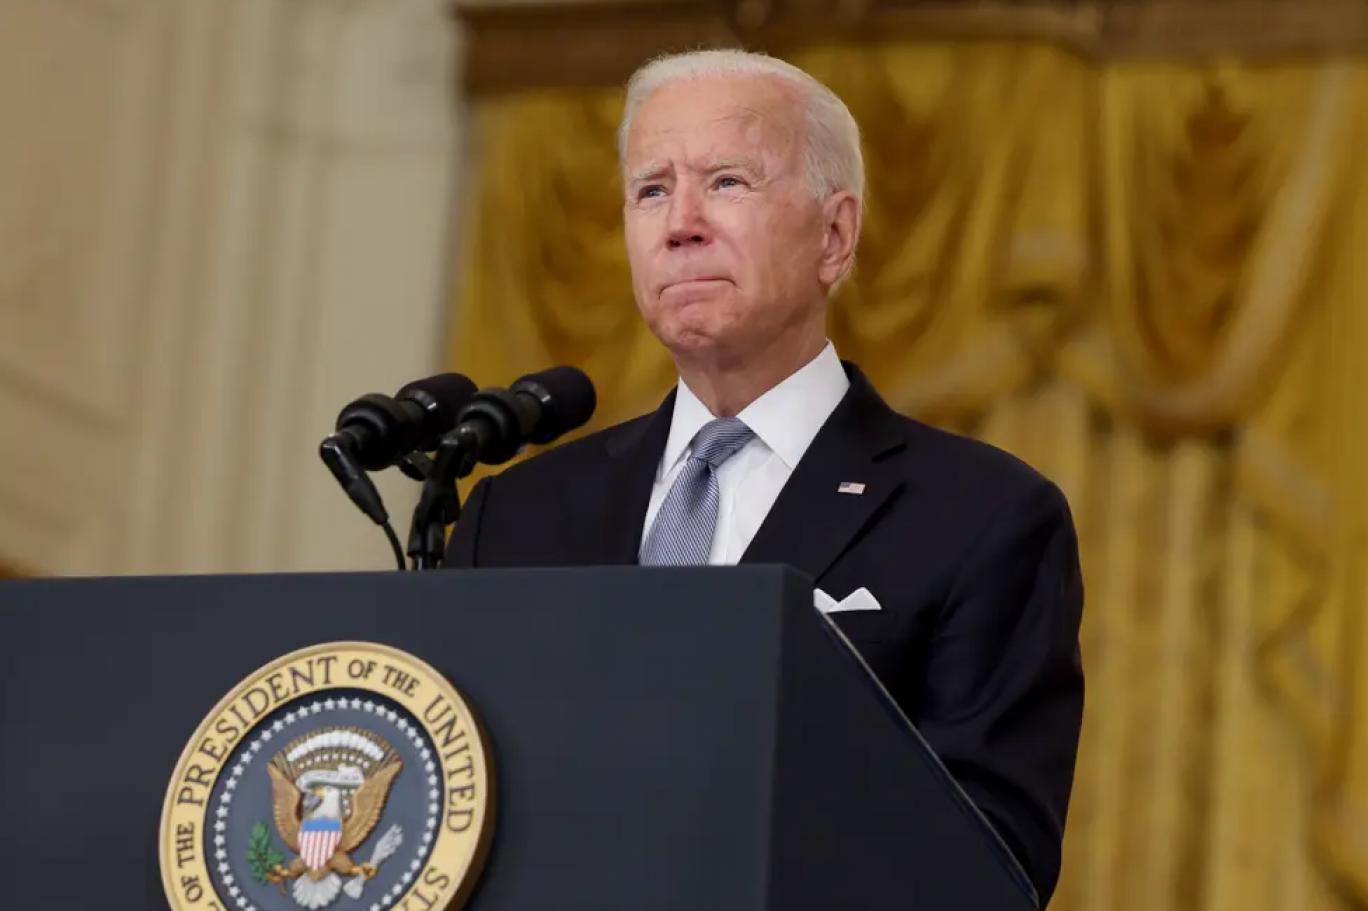 يواجه الرئيس الأميركي جو بايدن انتقادات واسعة من حلفاءه في الداخل (غيتي).png